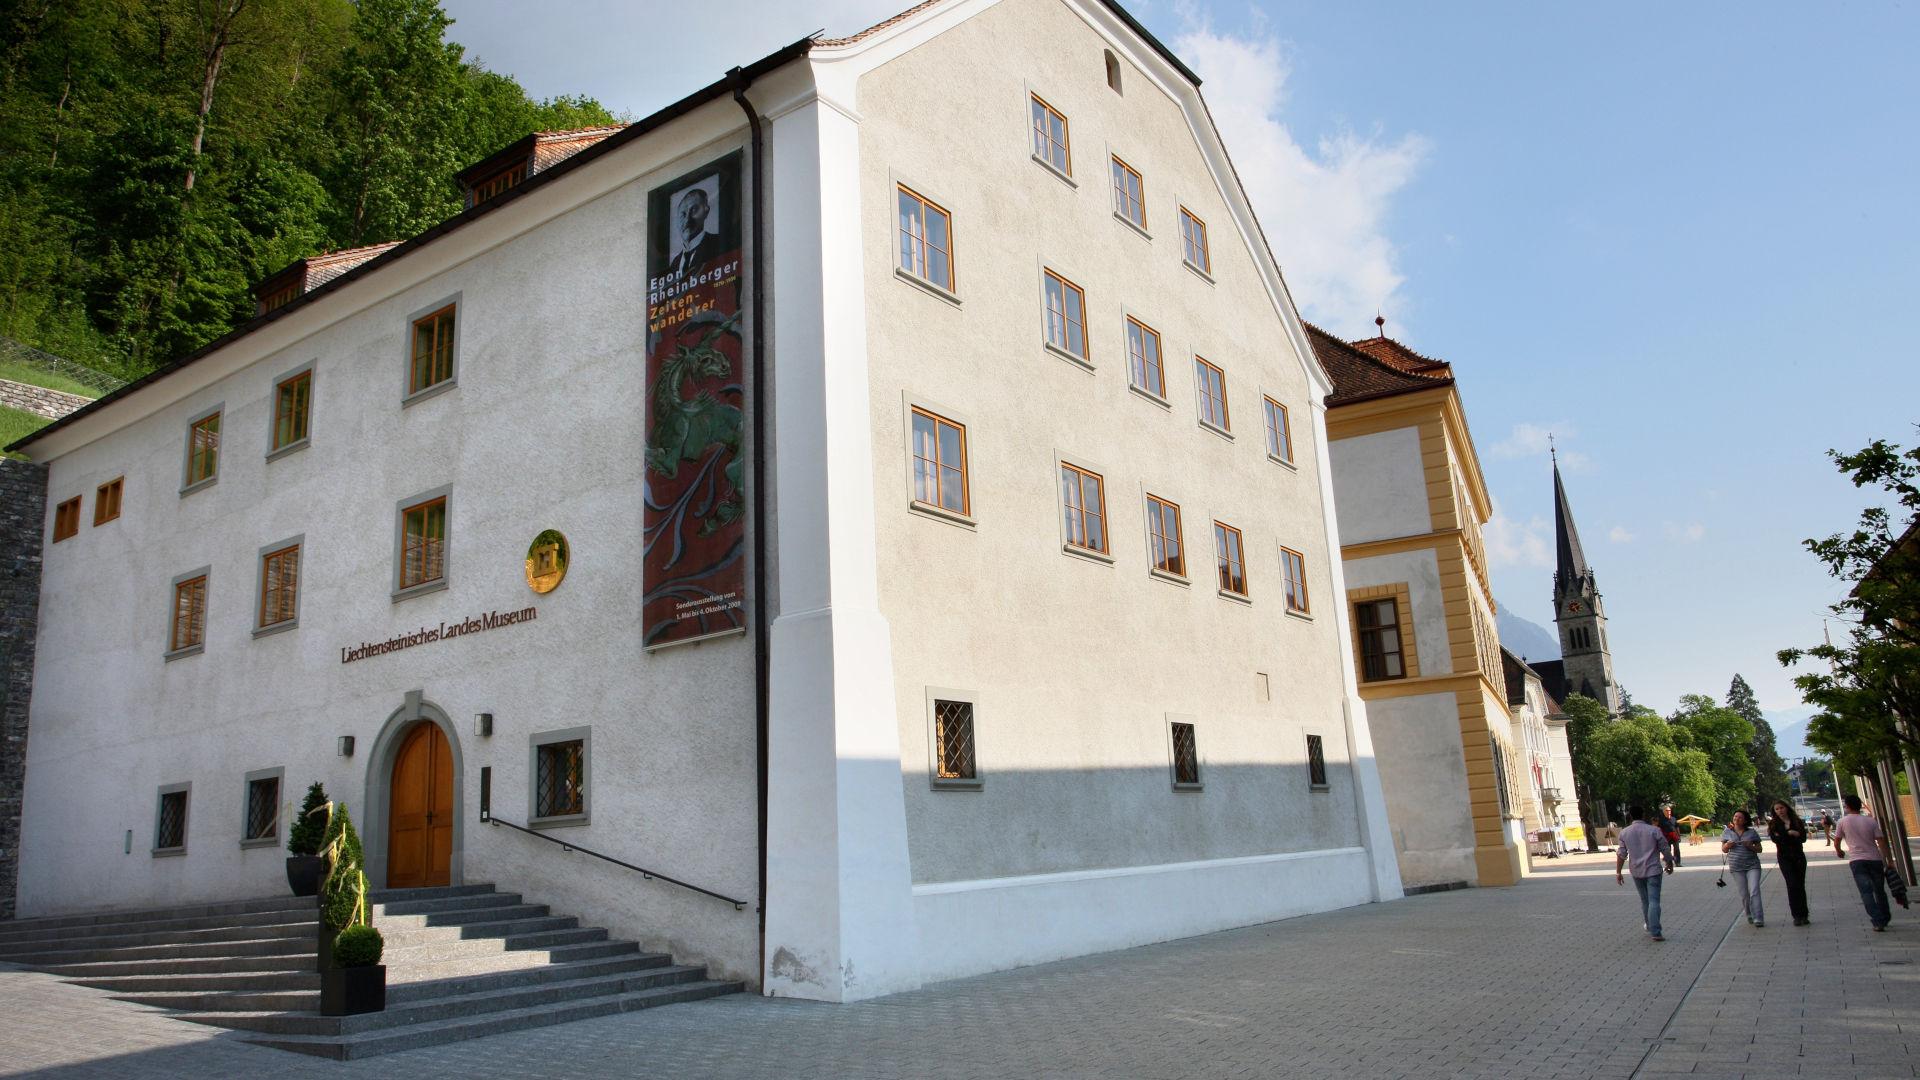 Vaduz, Liechtensteinisches Landesmuseum